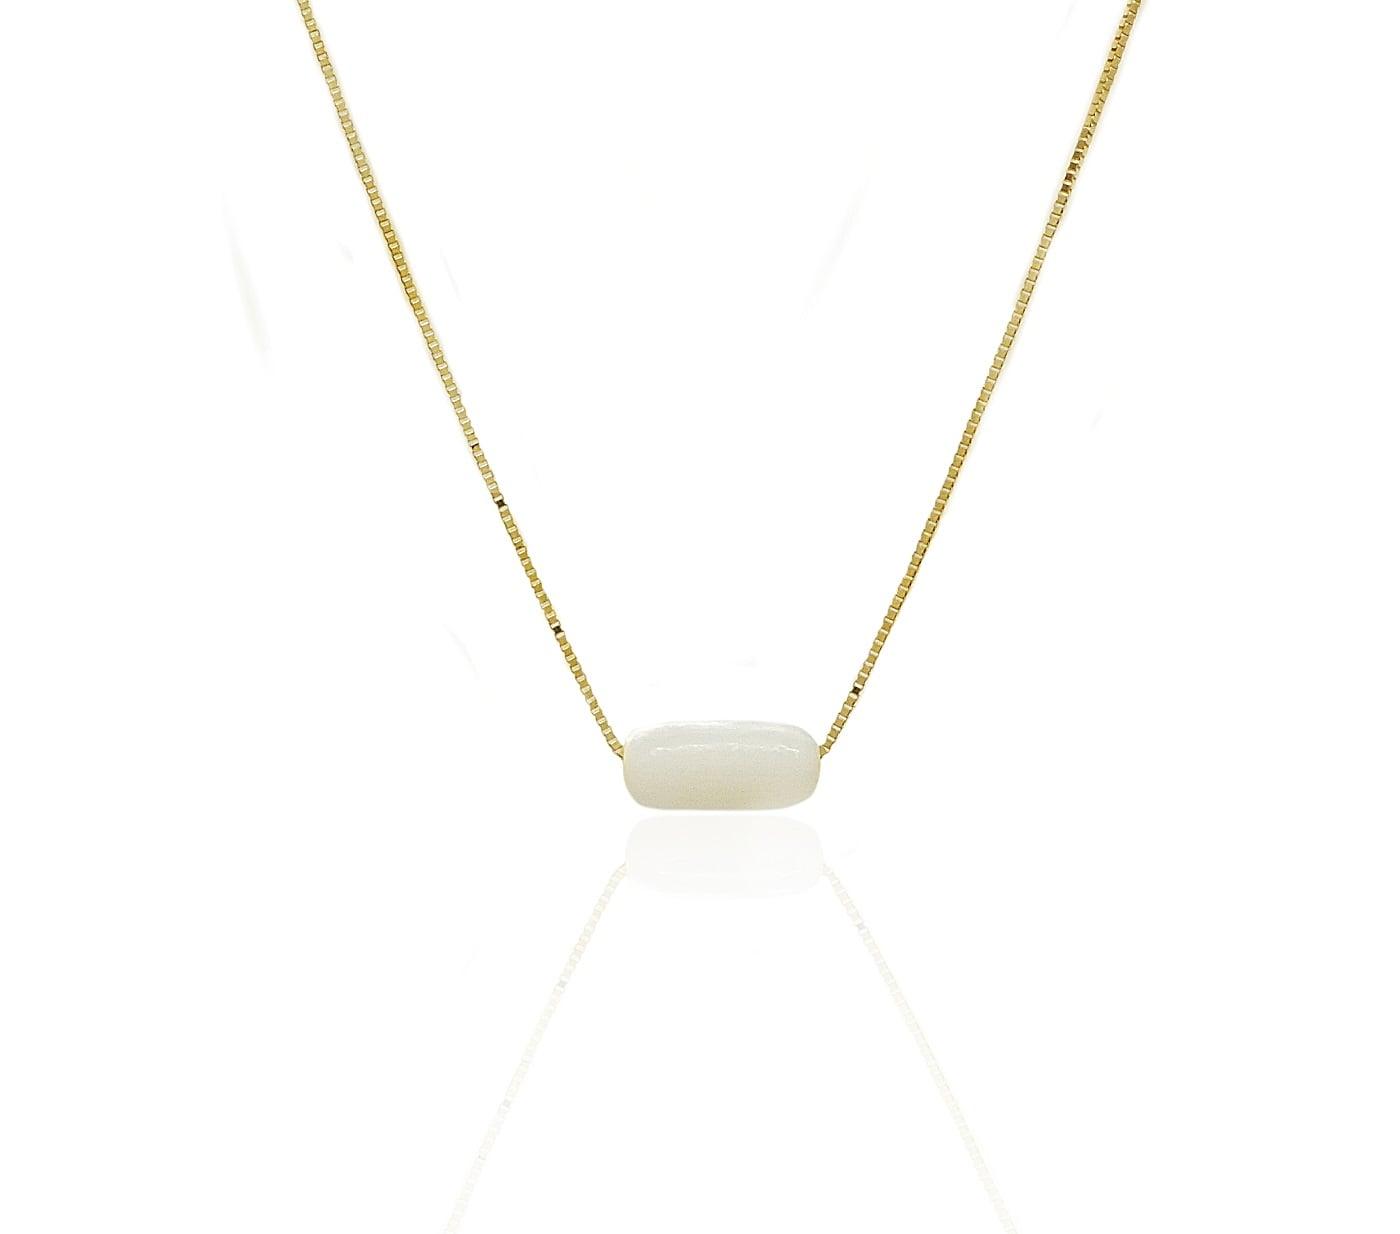 שרשרת זהב בשילוב חרוז פנינה לבן מלבני